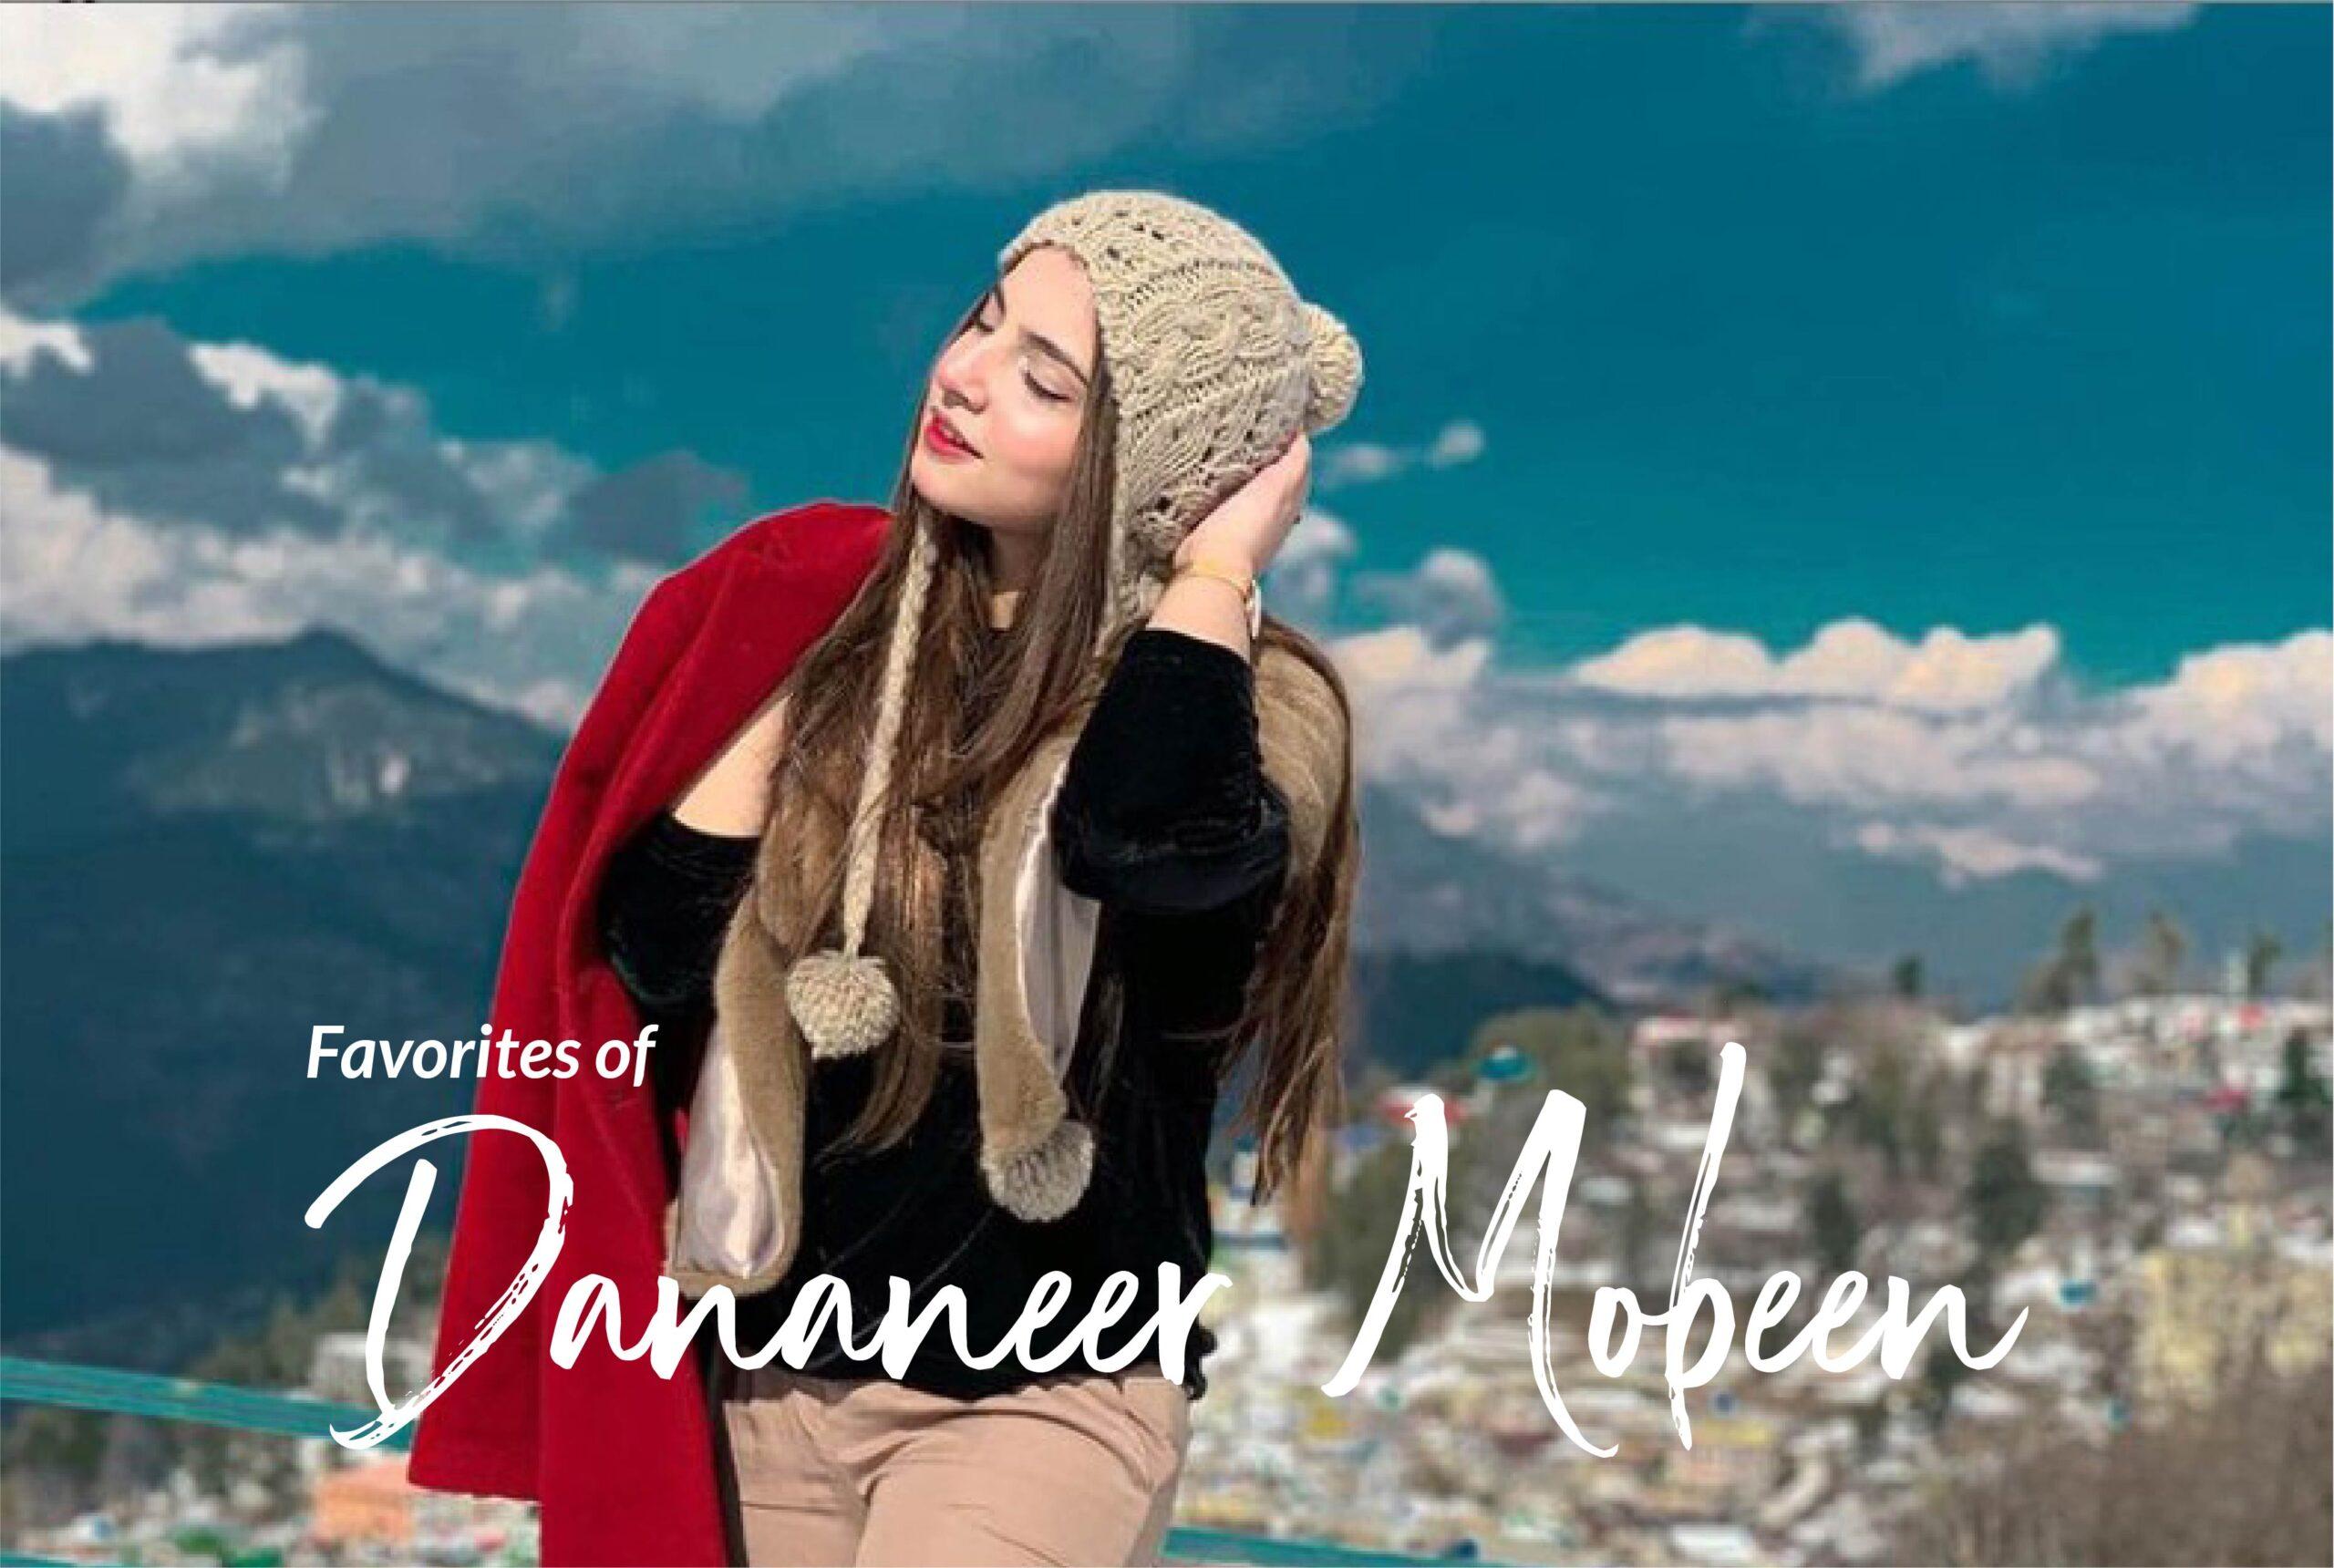 Interview of Dananeer Mobeen